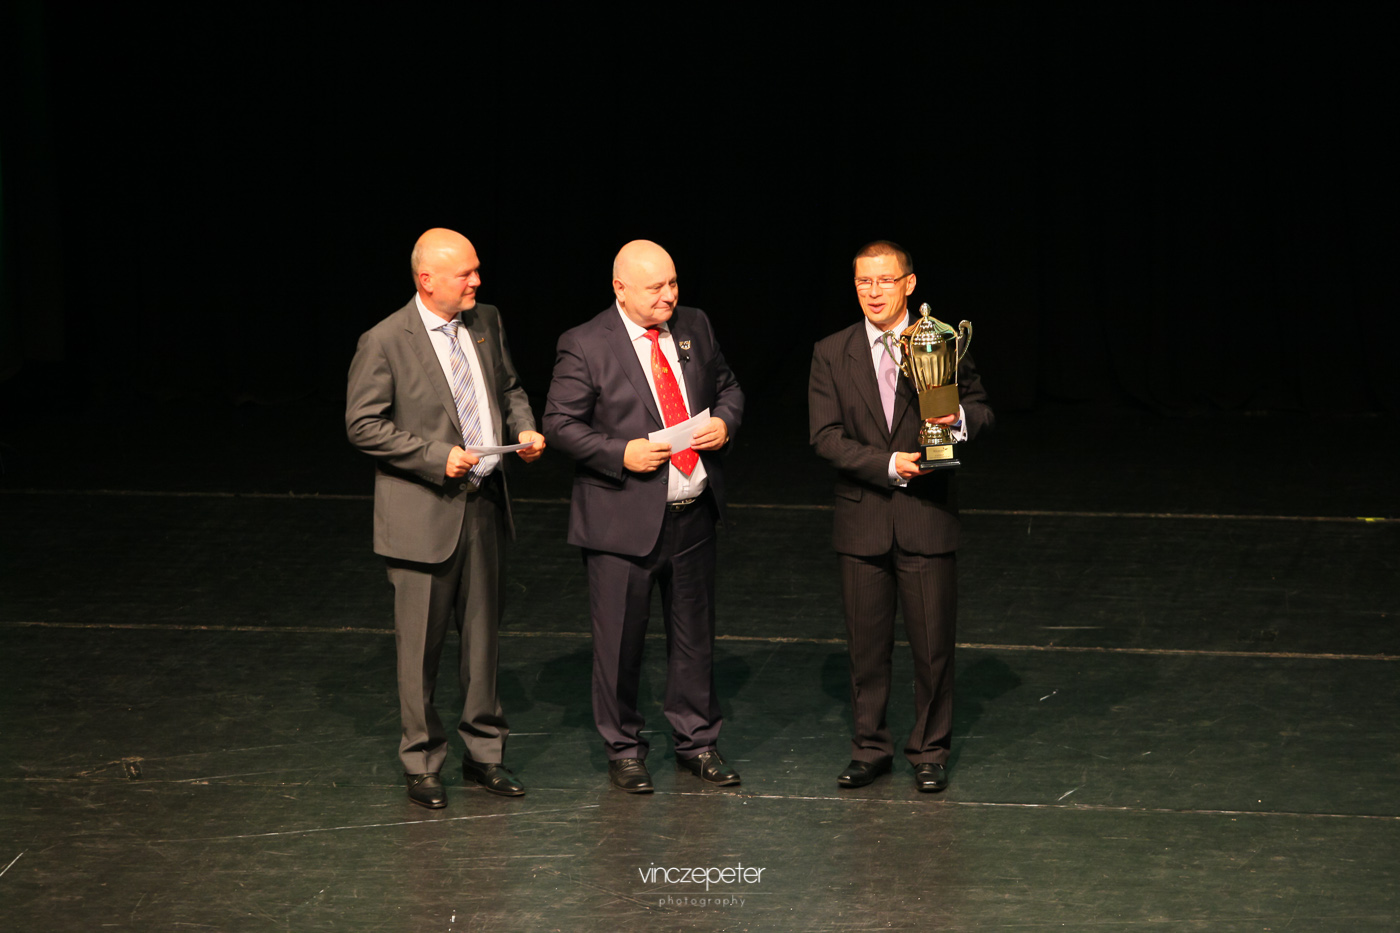 Kovács Attilának gratulál a hálózat csúcsvezetése részéről Lőrincz János és Kónya György, hiszen az elmúlt két hónapban egyaránt ő nyerte a hálózatvezetők számára kiírt versenyt